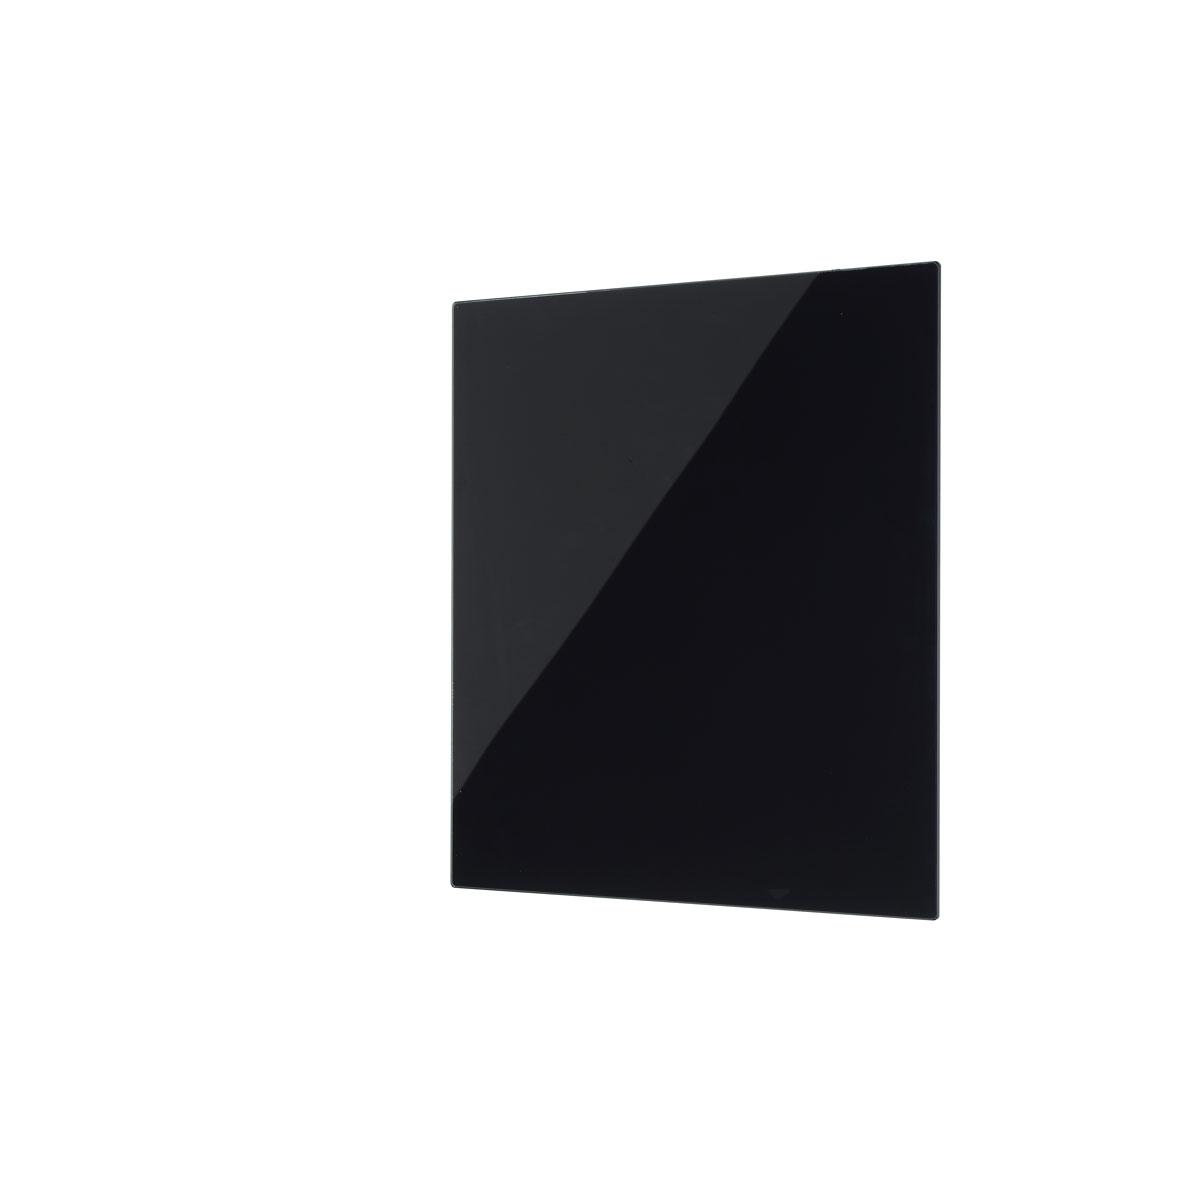 bi office tableau m mo en verre magn tique noir tableau blanc et paperboard bi office sur. Black Bedroom Furniture Sets. Home Design Ideas